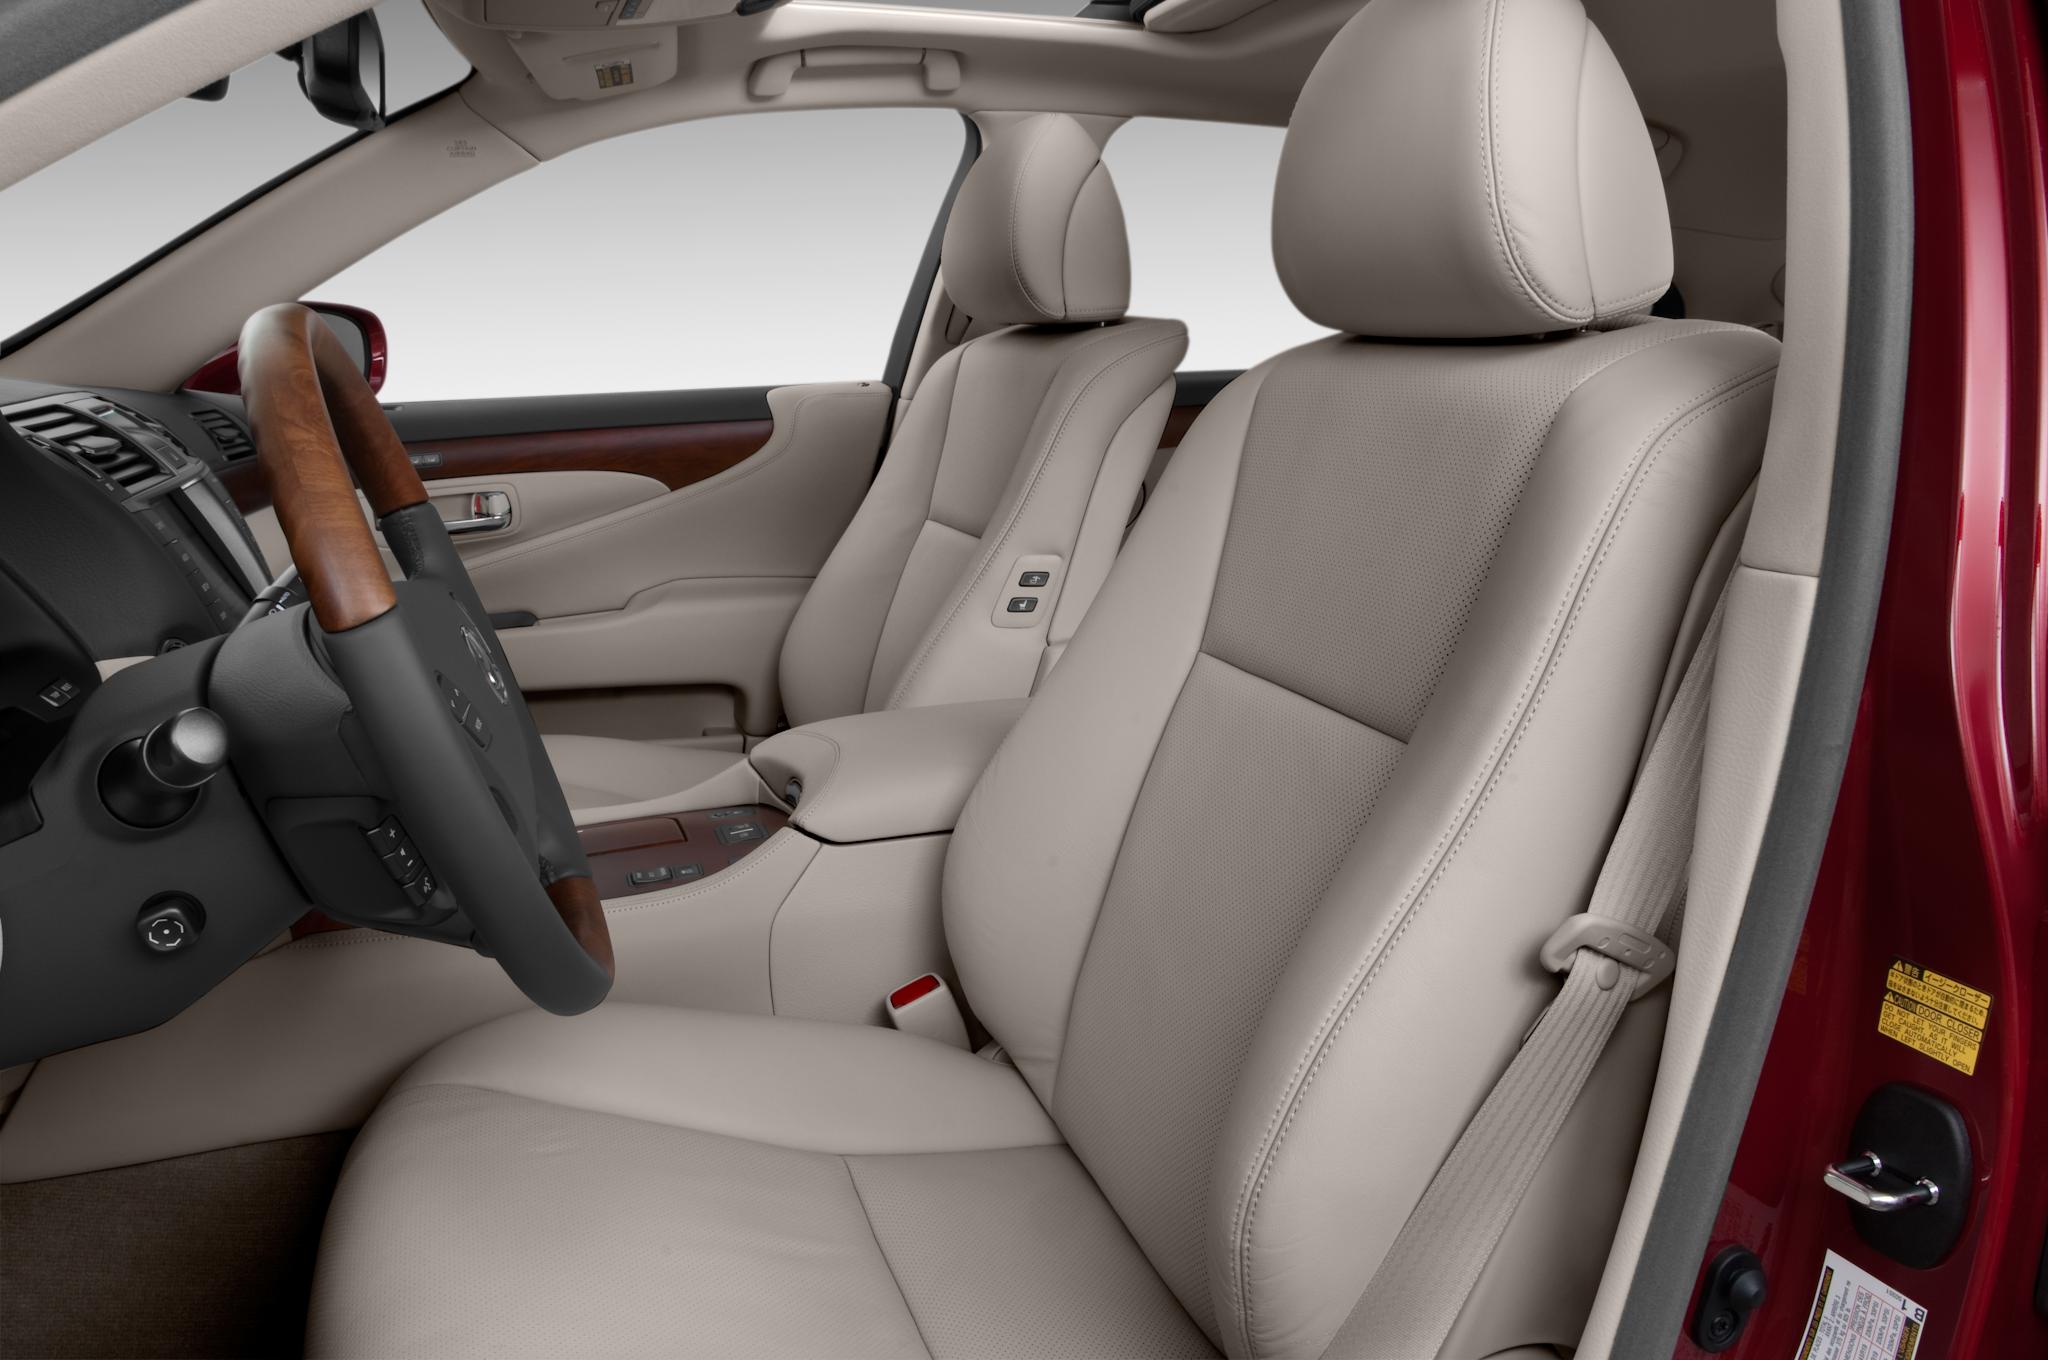 http://st.automobilemag.com/uploads/sites/10/2015/11/2010-lexus-ls-460-l-sedan-front-seat.png